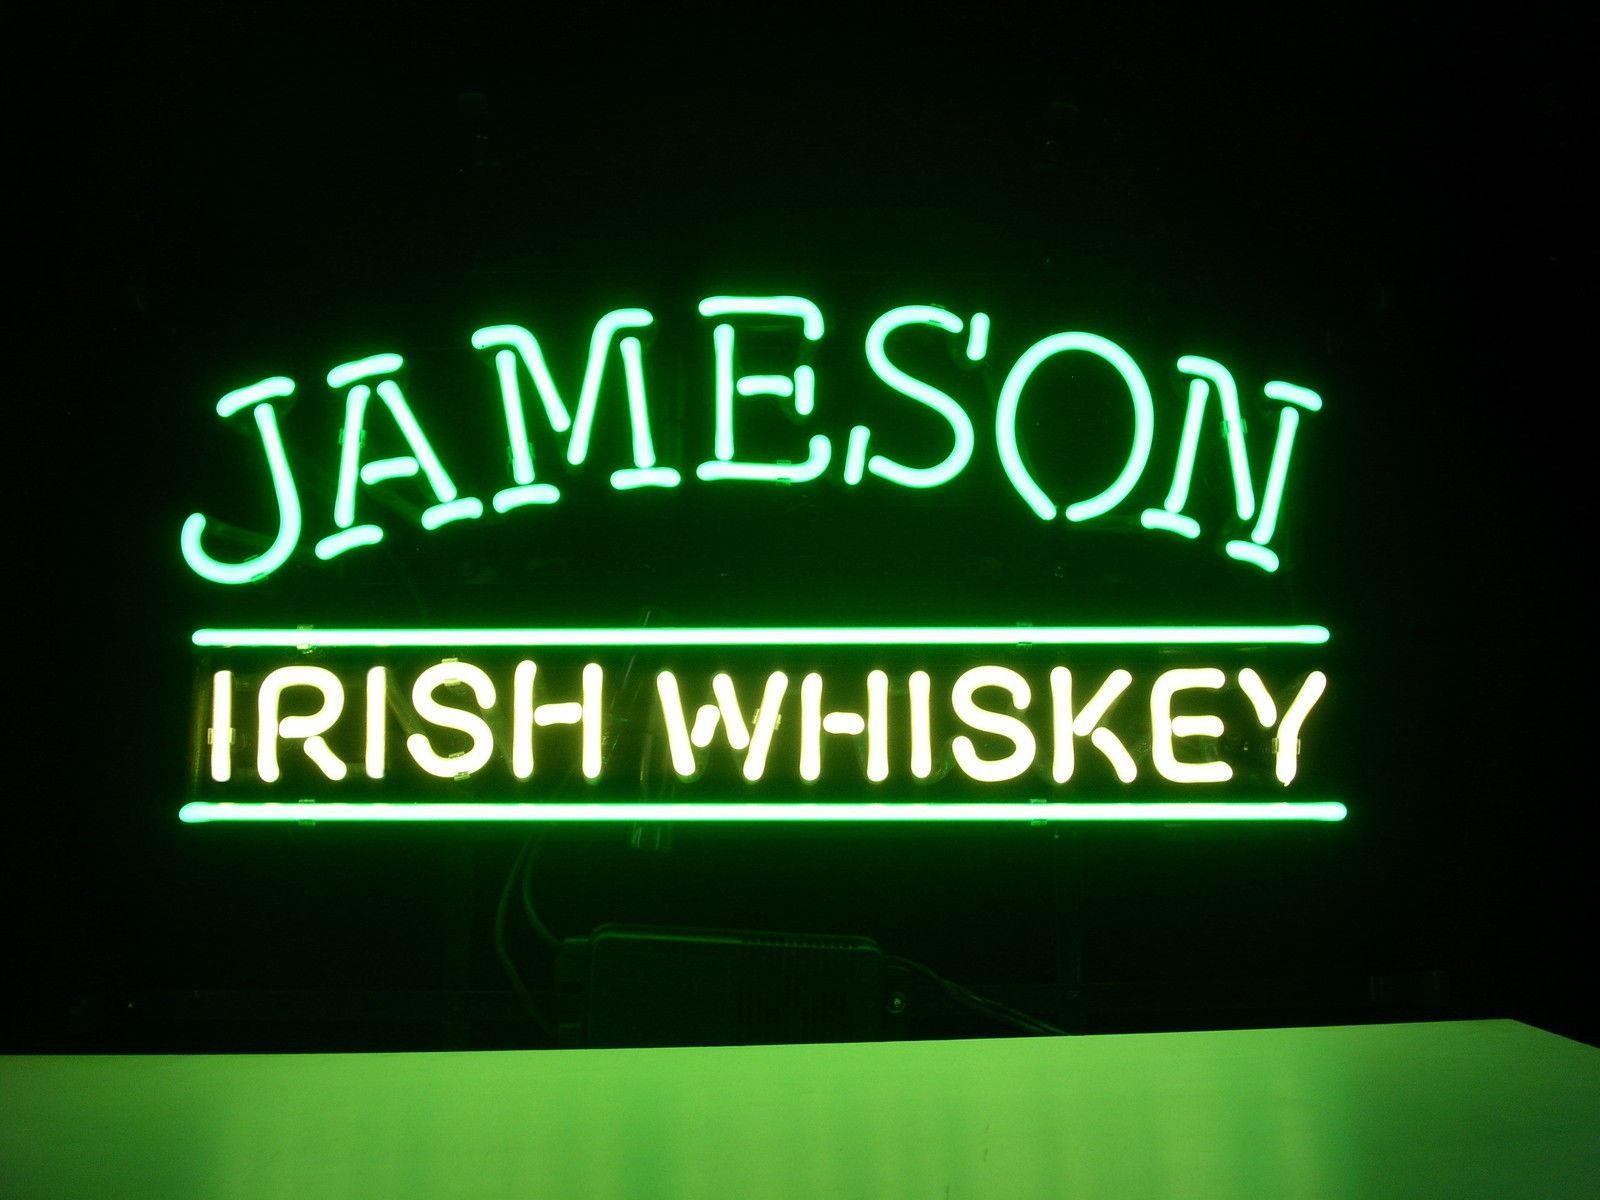 2019 NEW JAMESON IRISH WHISKEY REAL GLASS NEON LIGHT BEER